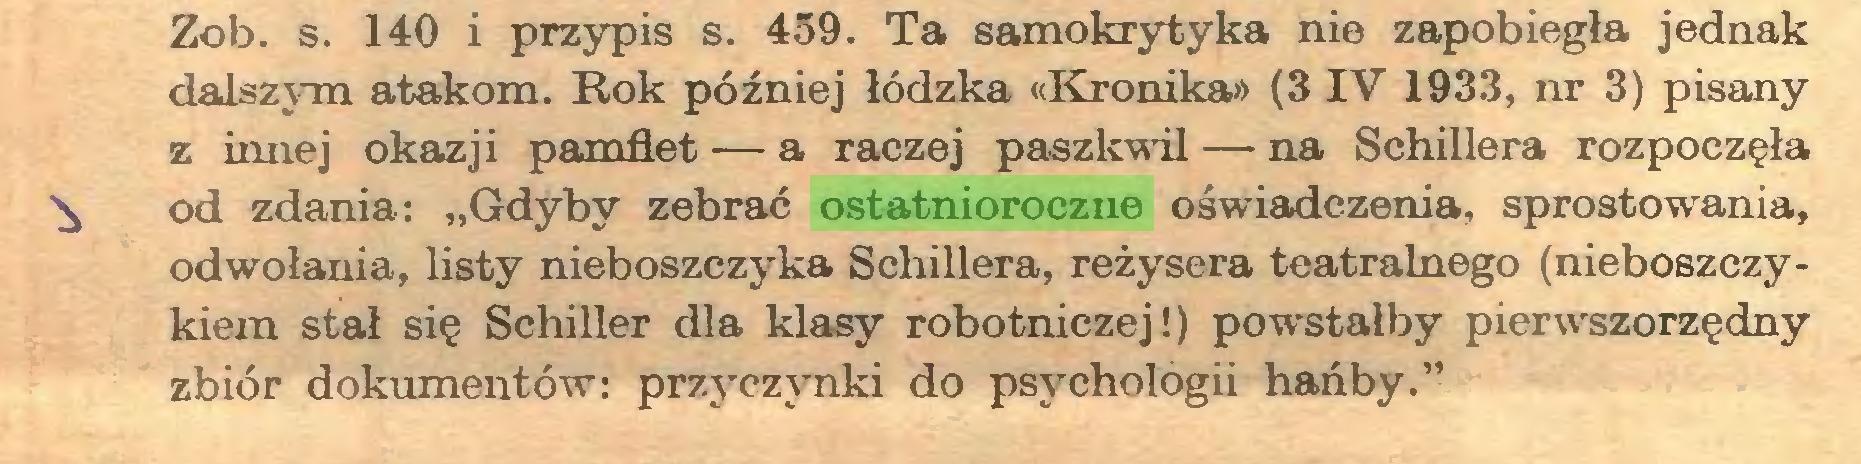 """(...) Zob. s. 140 i przypis s. 459. Ta samokrytyka nie zapobiegła jednak dalszym atakom. Rok później łódzka «Kronika» (3 IV 1933, nr 3) pisany z innej okazji pamfłet — a raczej paszkwil — na Schillera rozpoczęła ^ od zdania: """"Gdyby zebrać ostatnioroczne oświadczenia, sprostowania, odwołania, listy nieboszczyka Schillera, reżysera teatralnego (nieboszczykiem stał się Schiller dla klasy robotniczej!) powstałby pierwszorzędny zbiór dokumentów: przyczynki do psychologii hańby.""""..."""